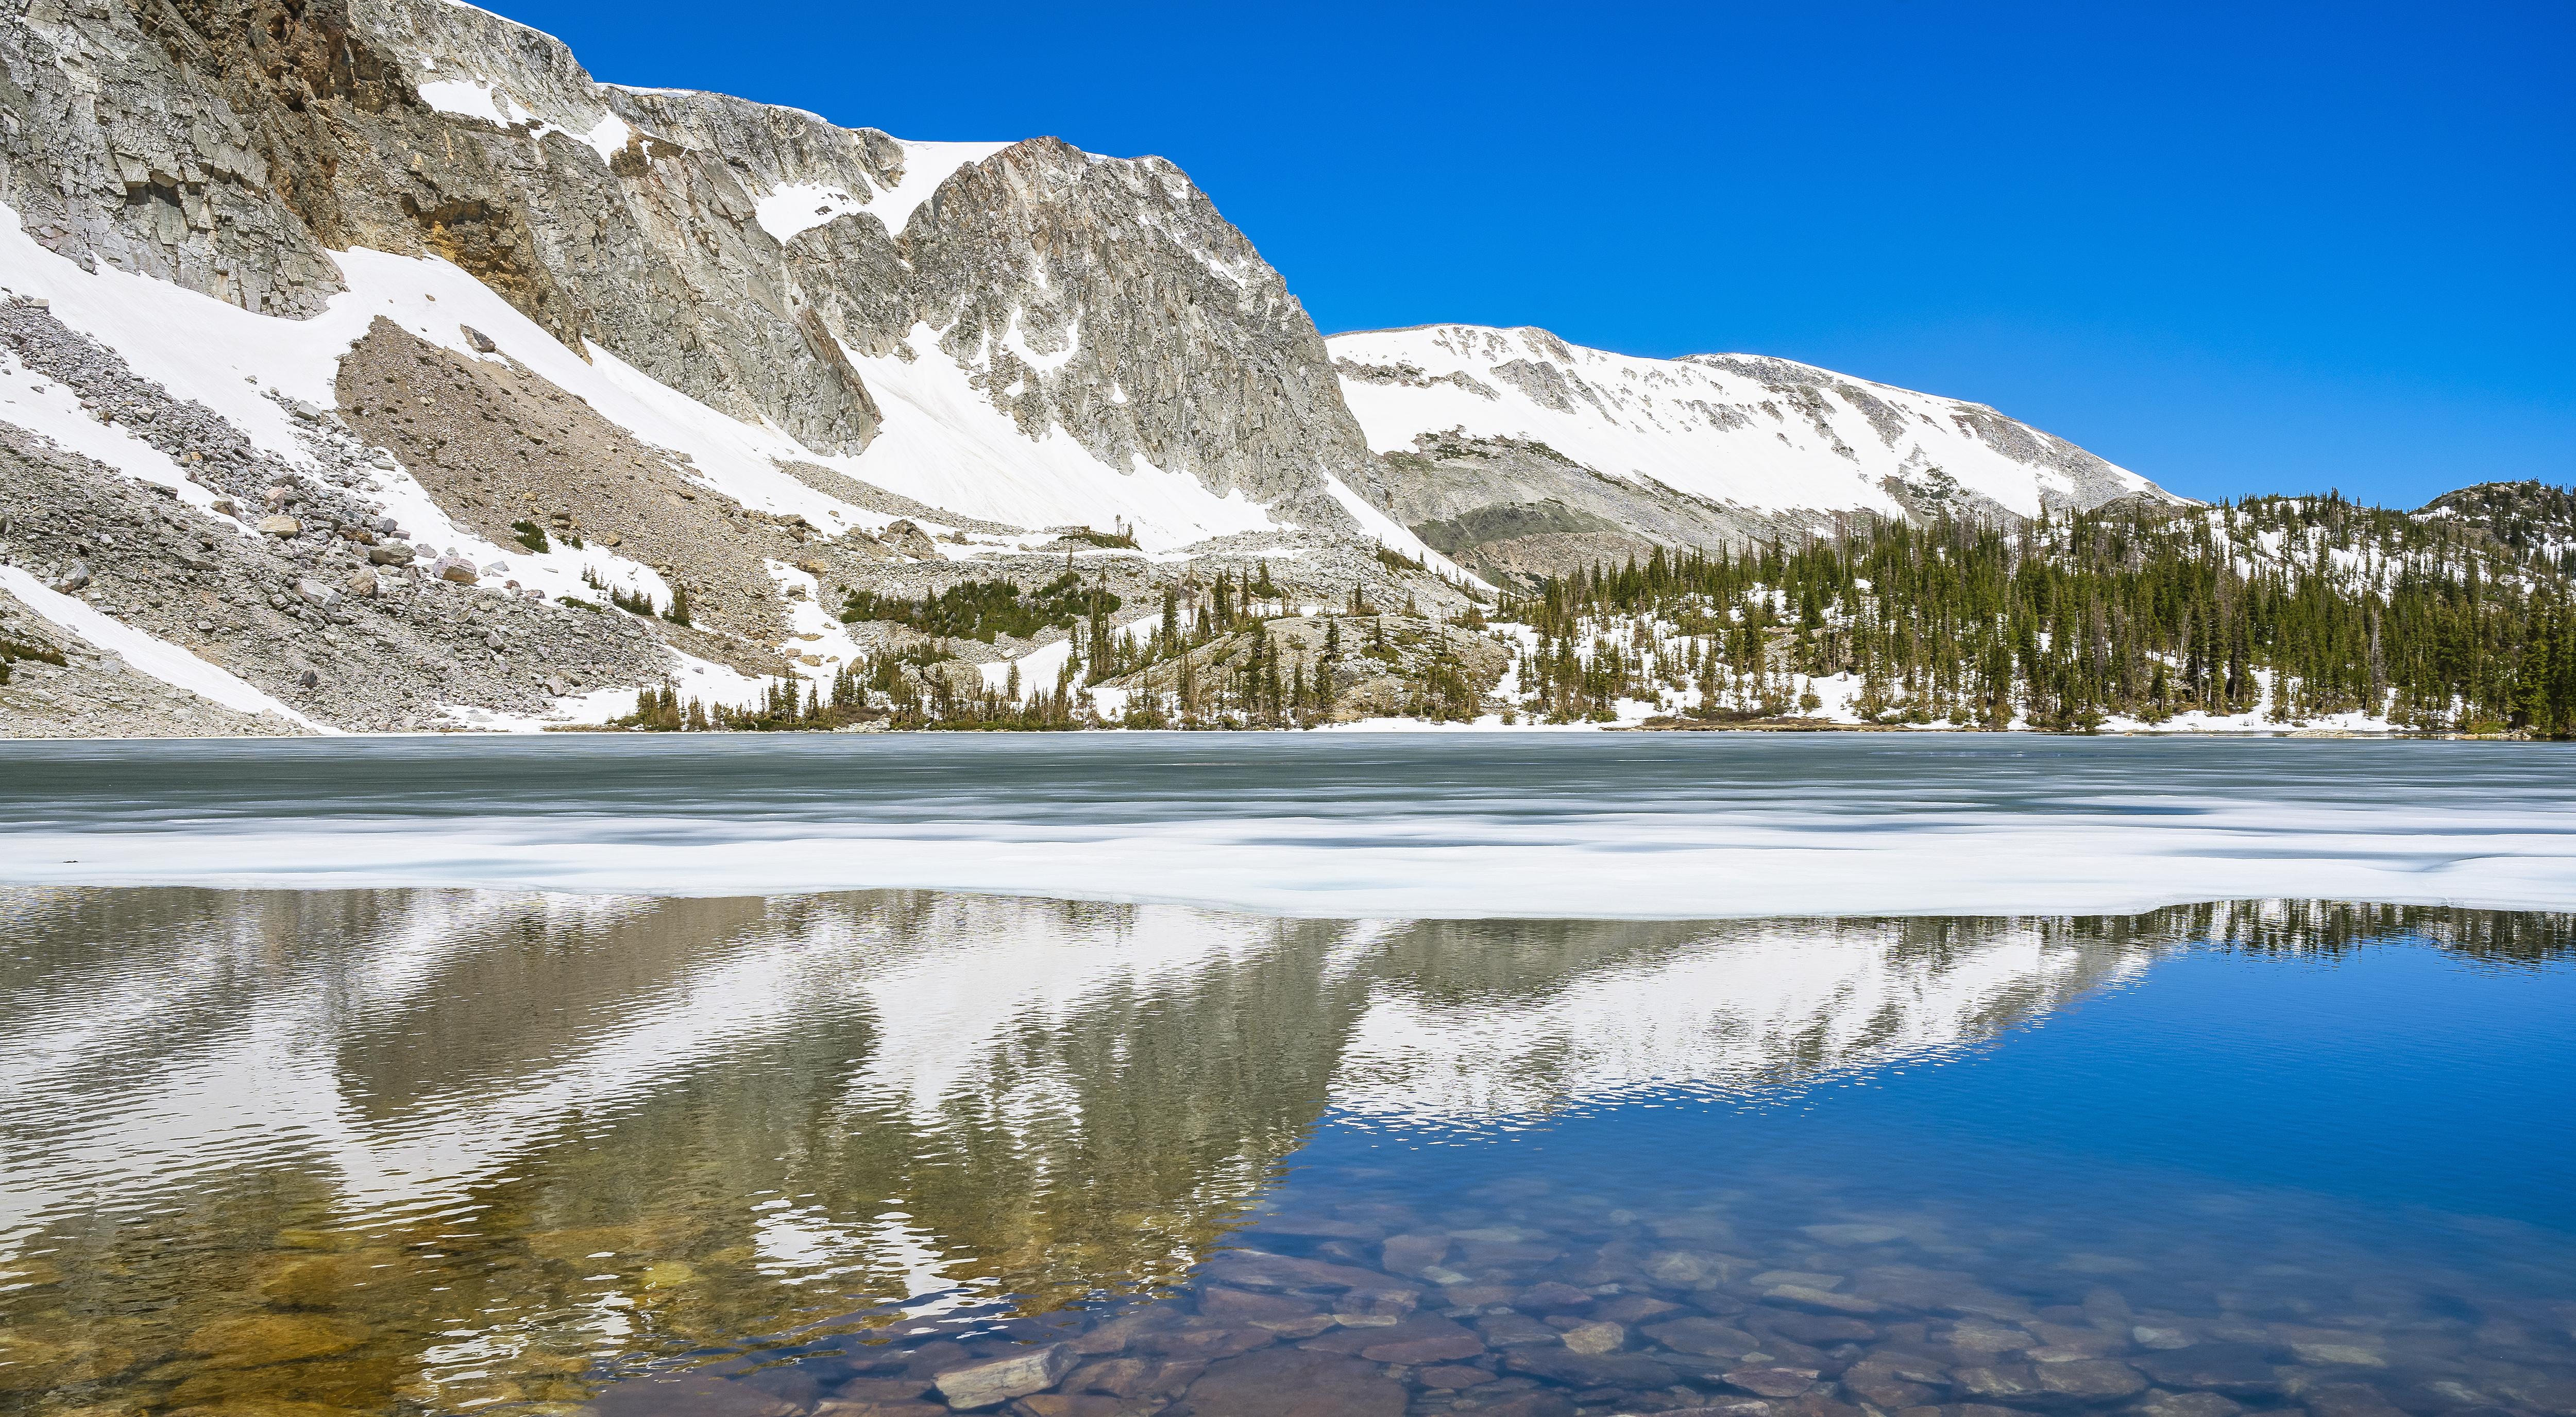 Winter's Last Ice